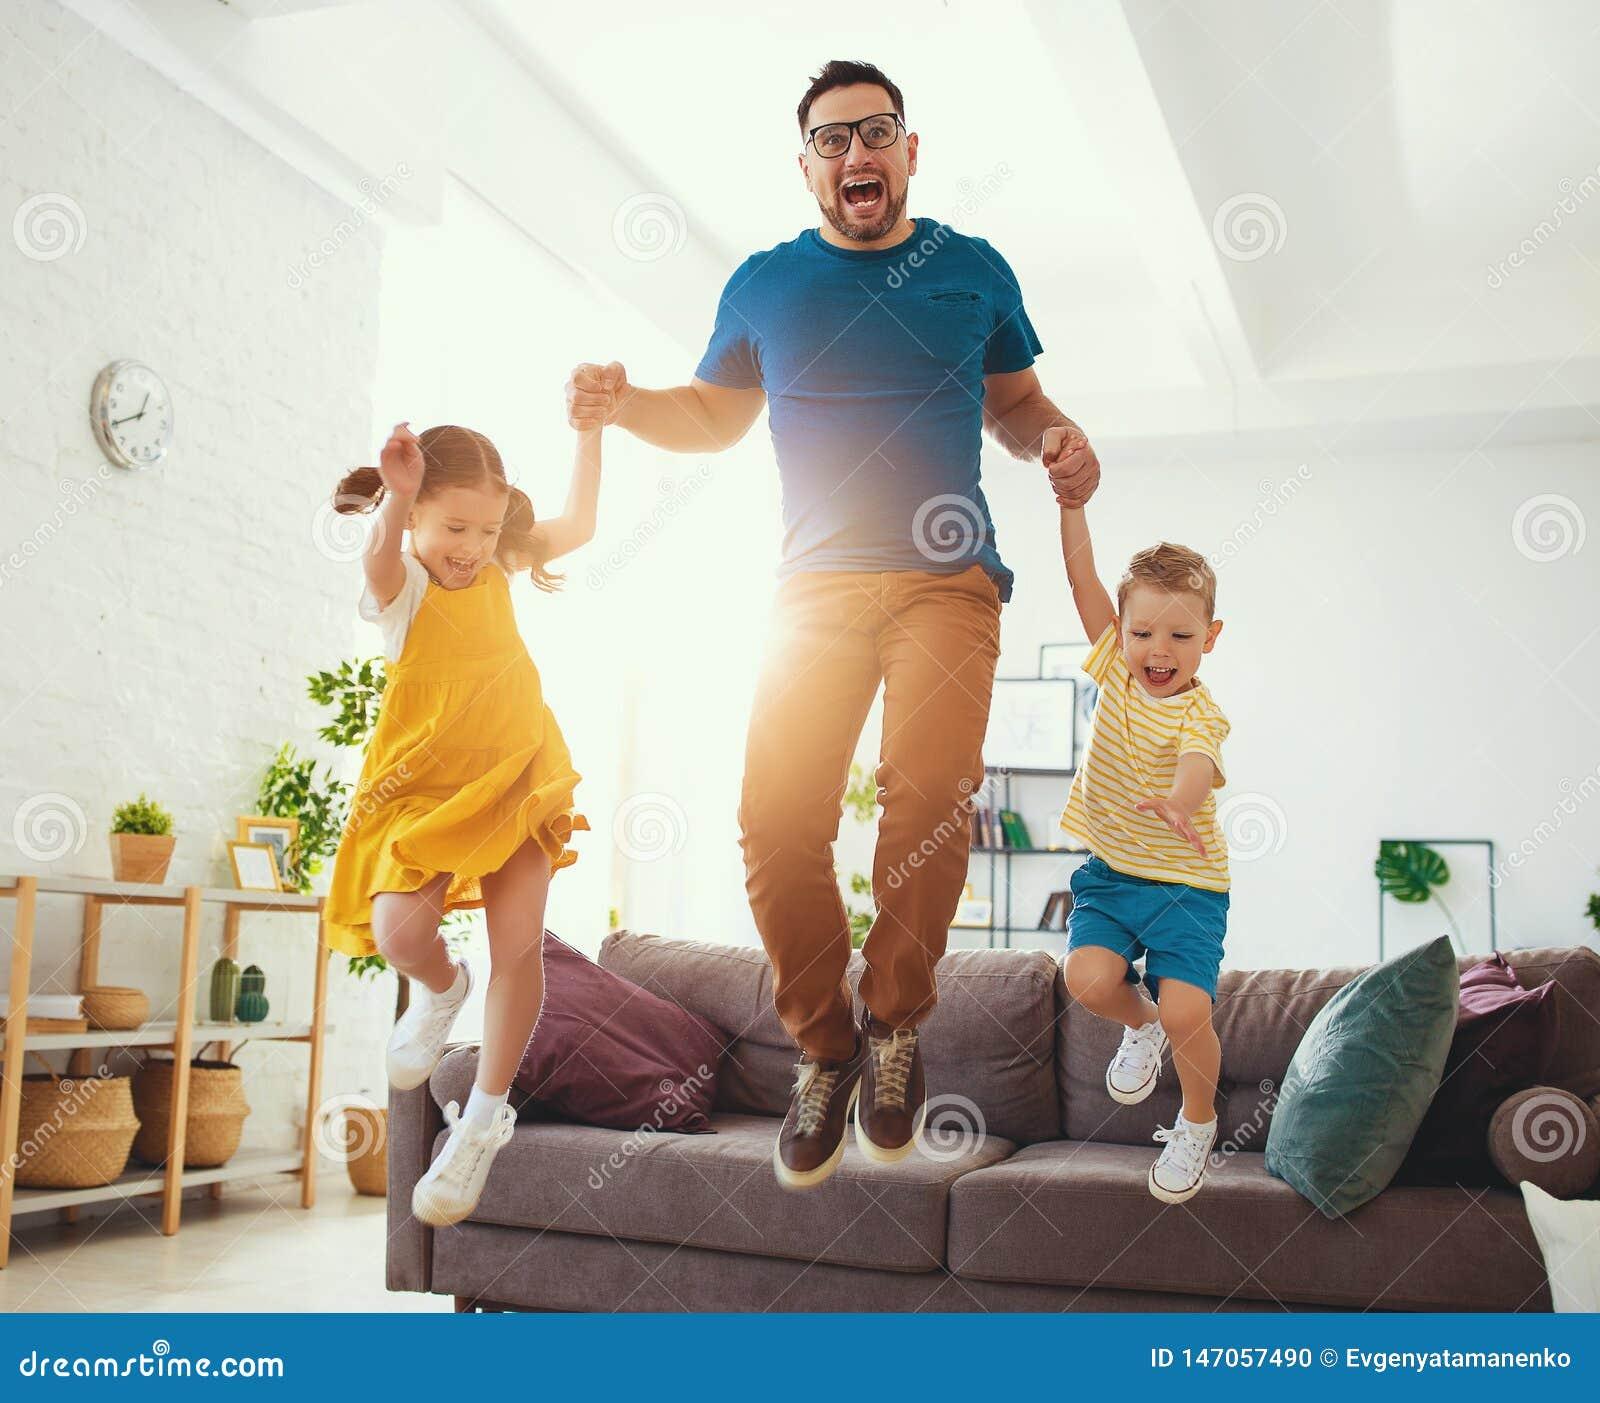 Lyckliga faders dag! Barn gratulerar farsan ett hopp och en dans